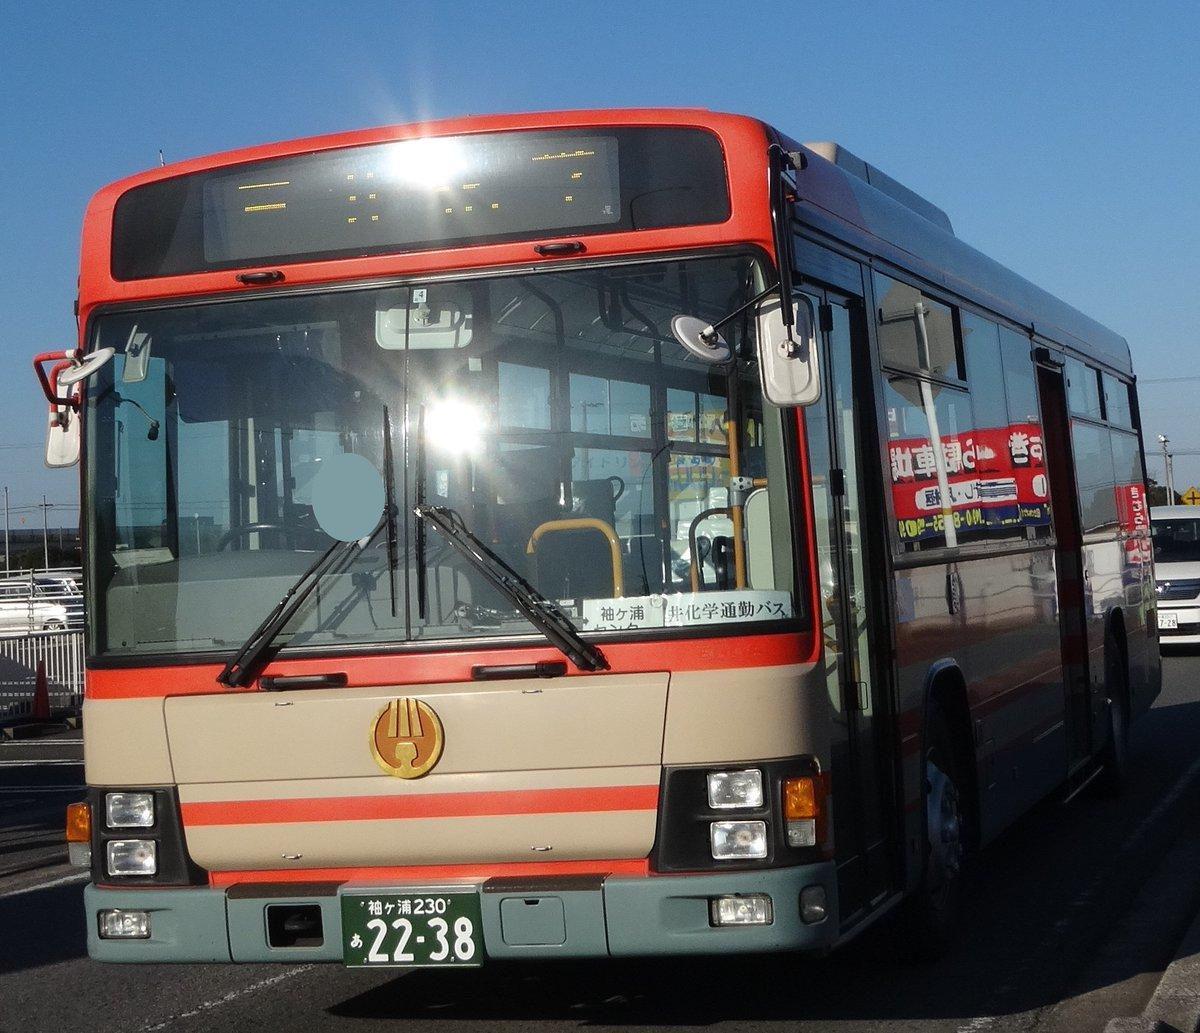 袖ヶ浦 バス ターミナル